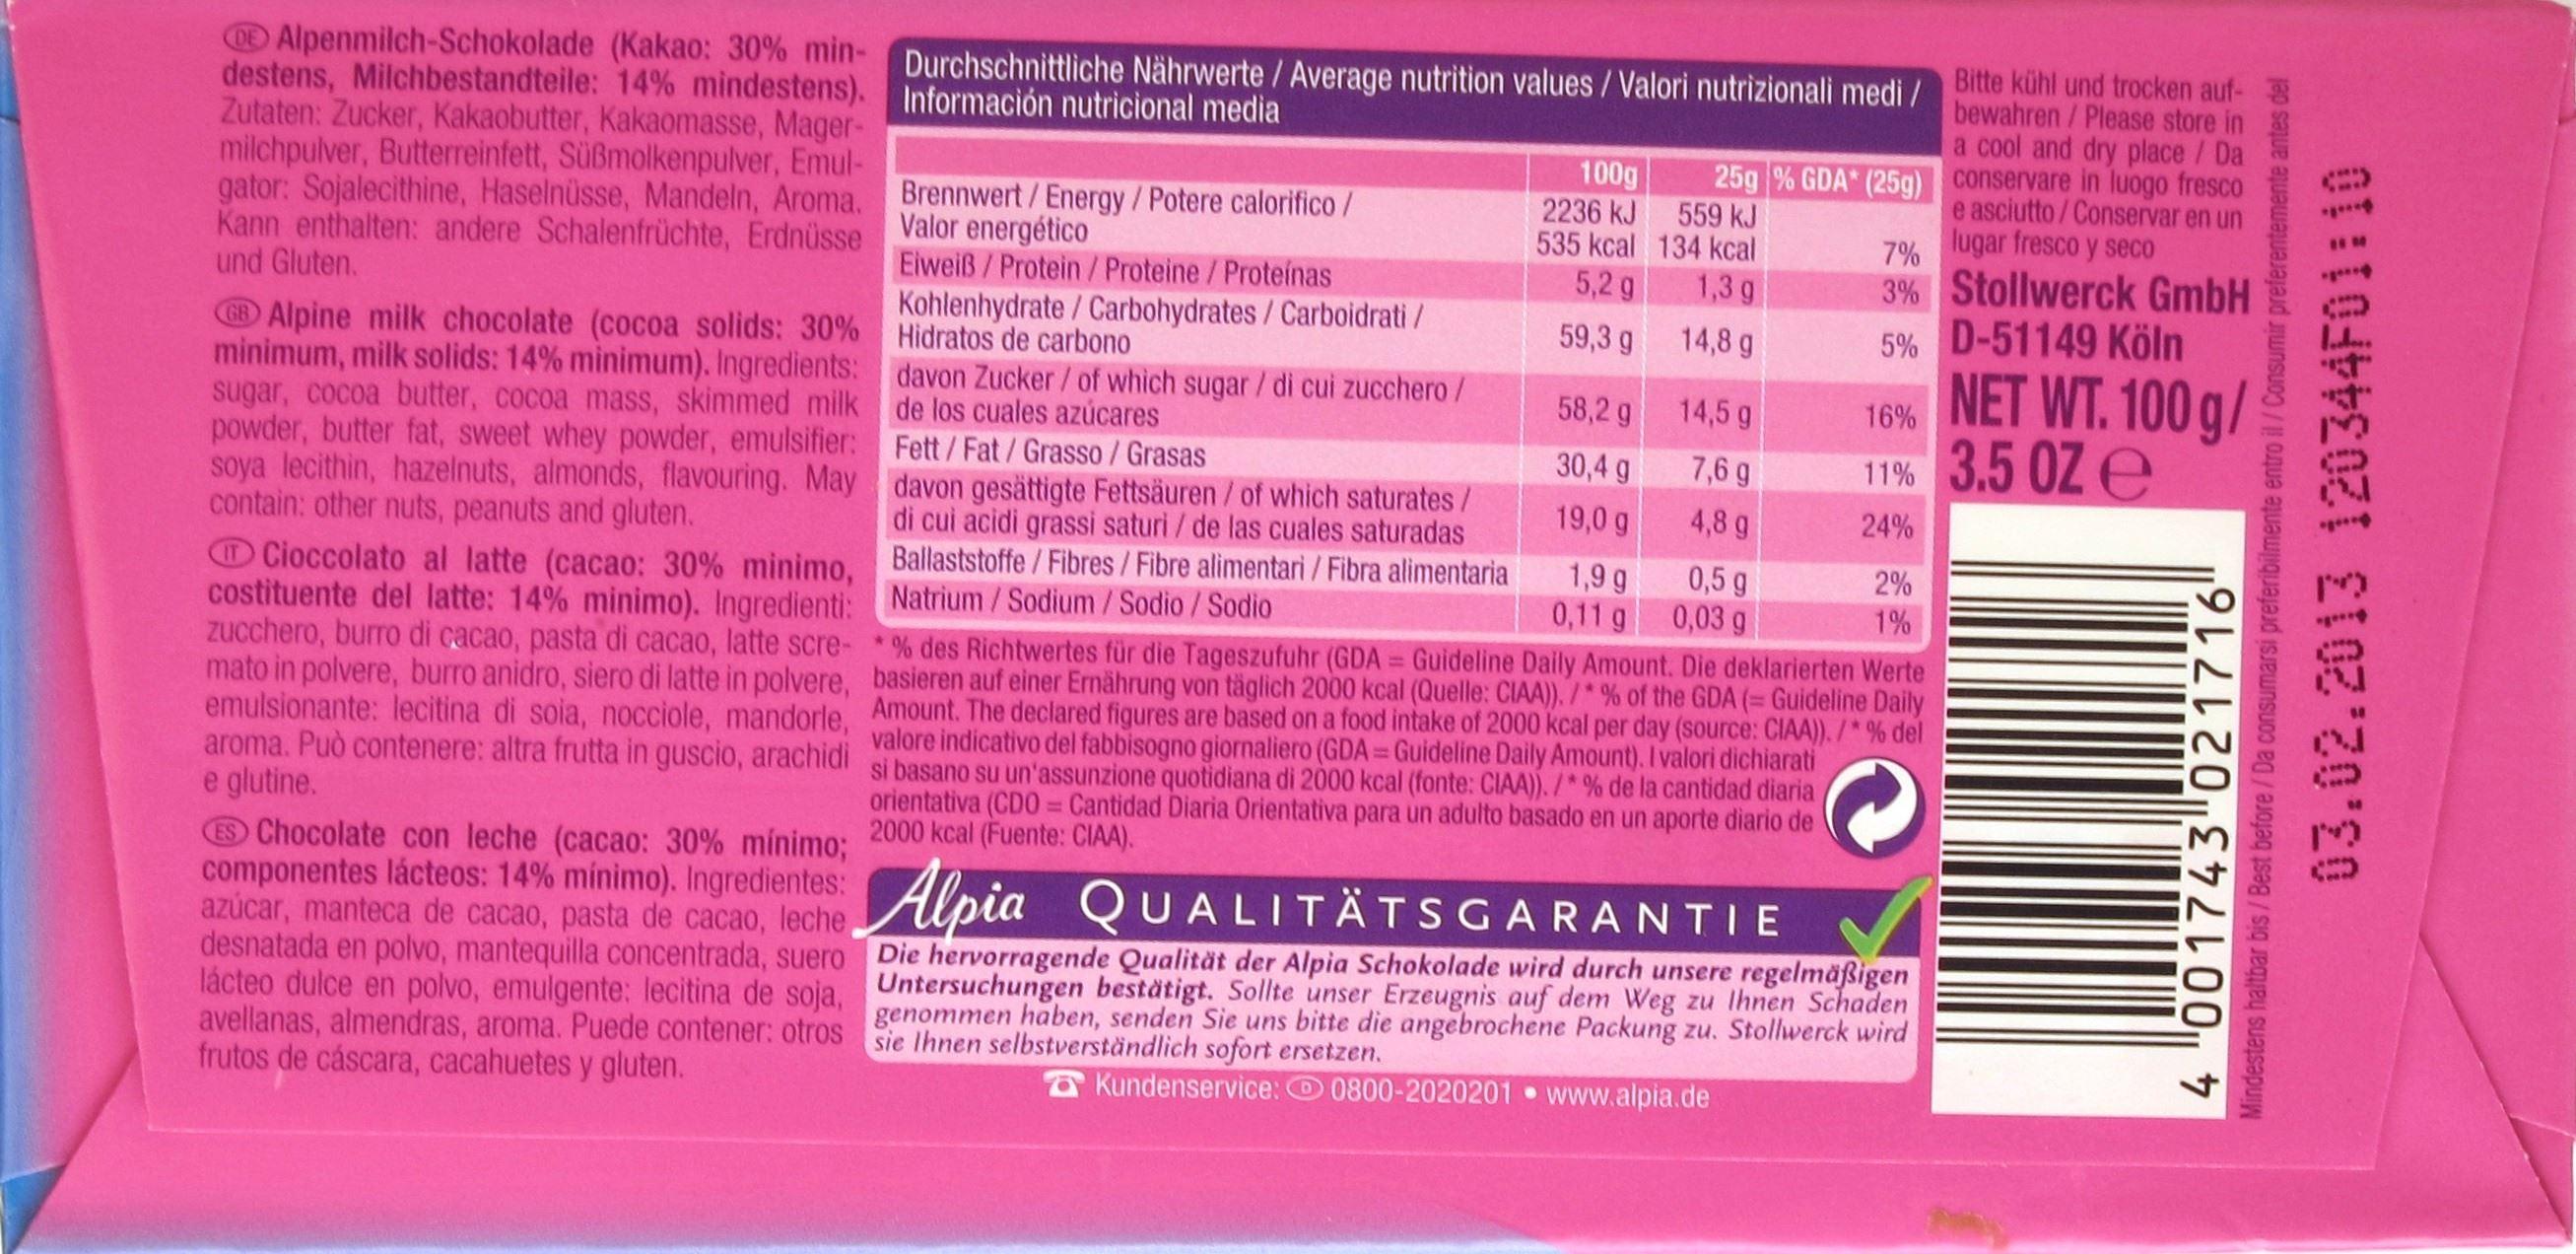 Verwandte Suchanfragen zu 100 bet at home Treuebonuscode Affiliate bet at home gr. schokolade oder 100gr. nüsse